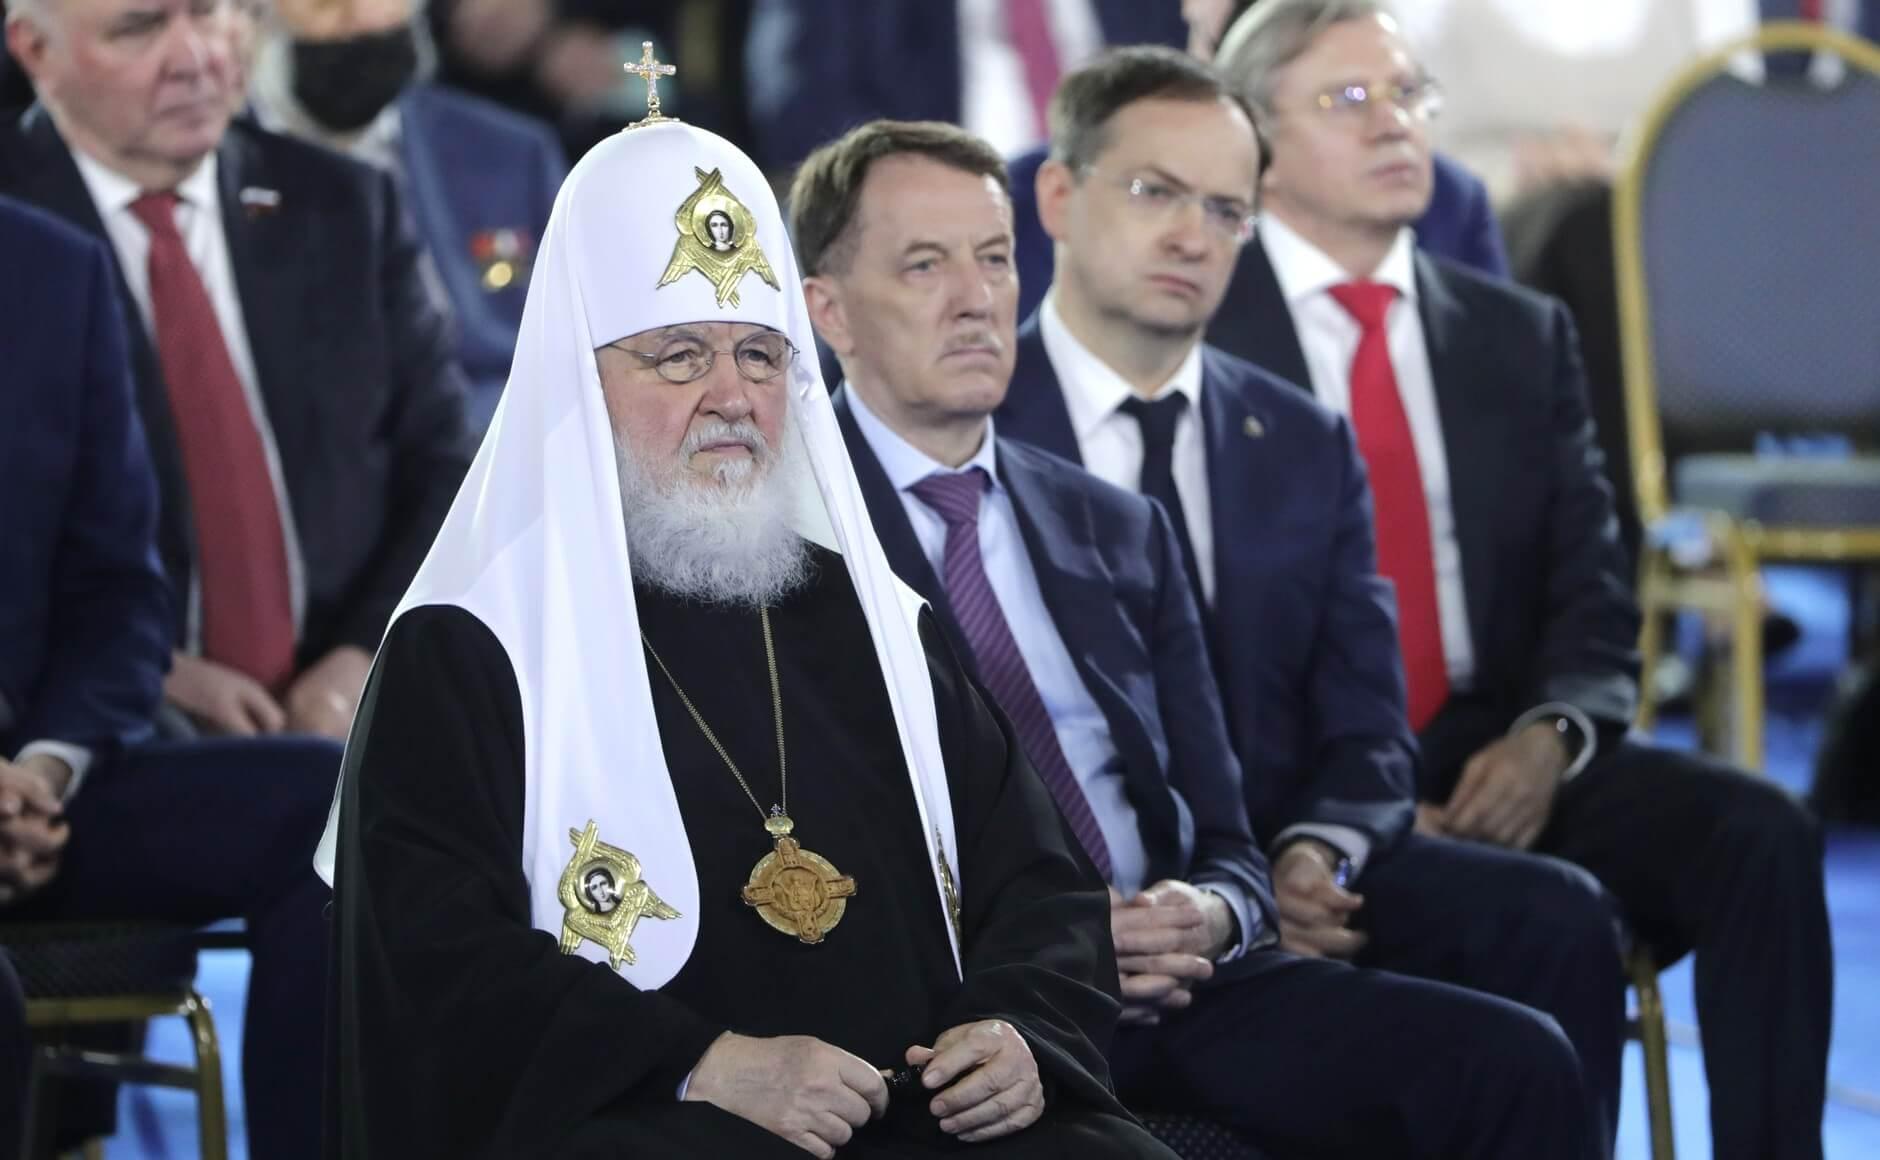 Kremlin Pool/ Global Look Press